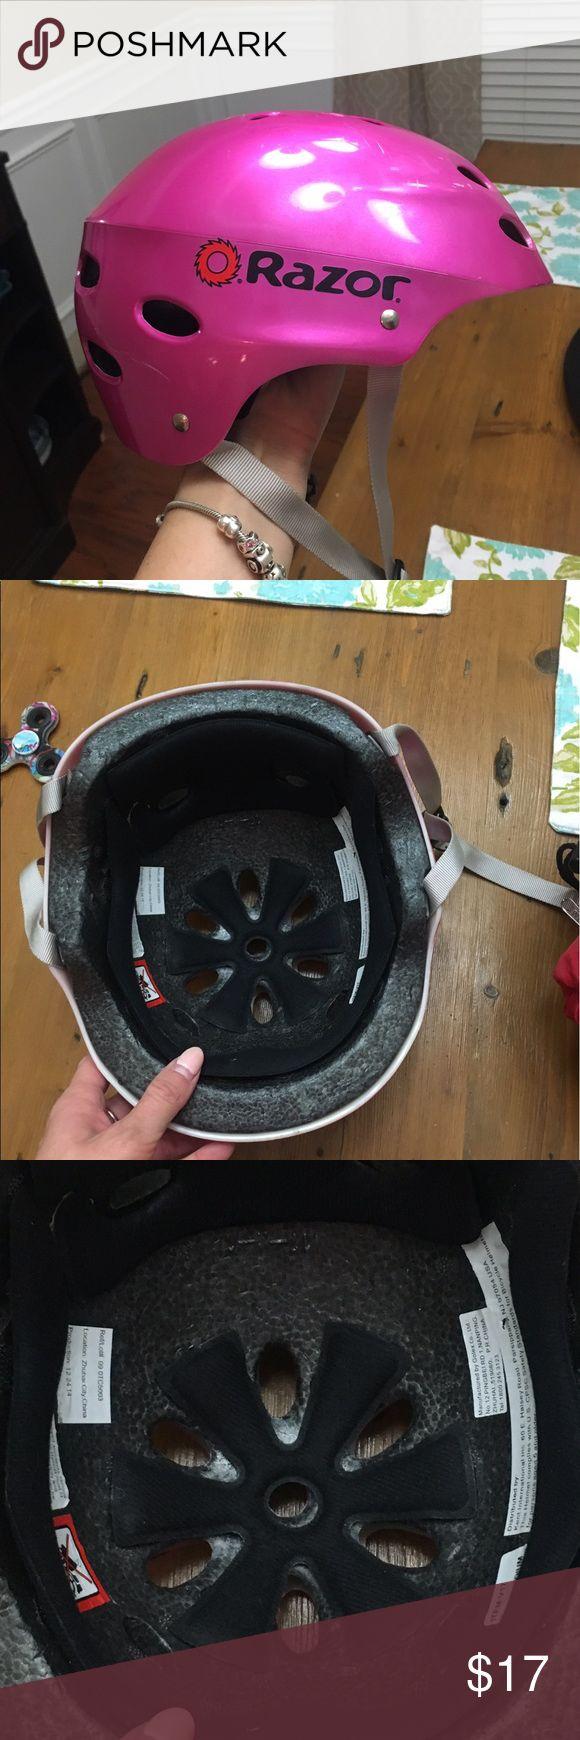 Razor Pink Helmet Kids Like New Razor Pink Helmet Kids Like New. 20% off bundles. razor Other